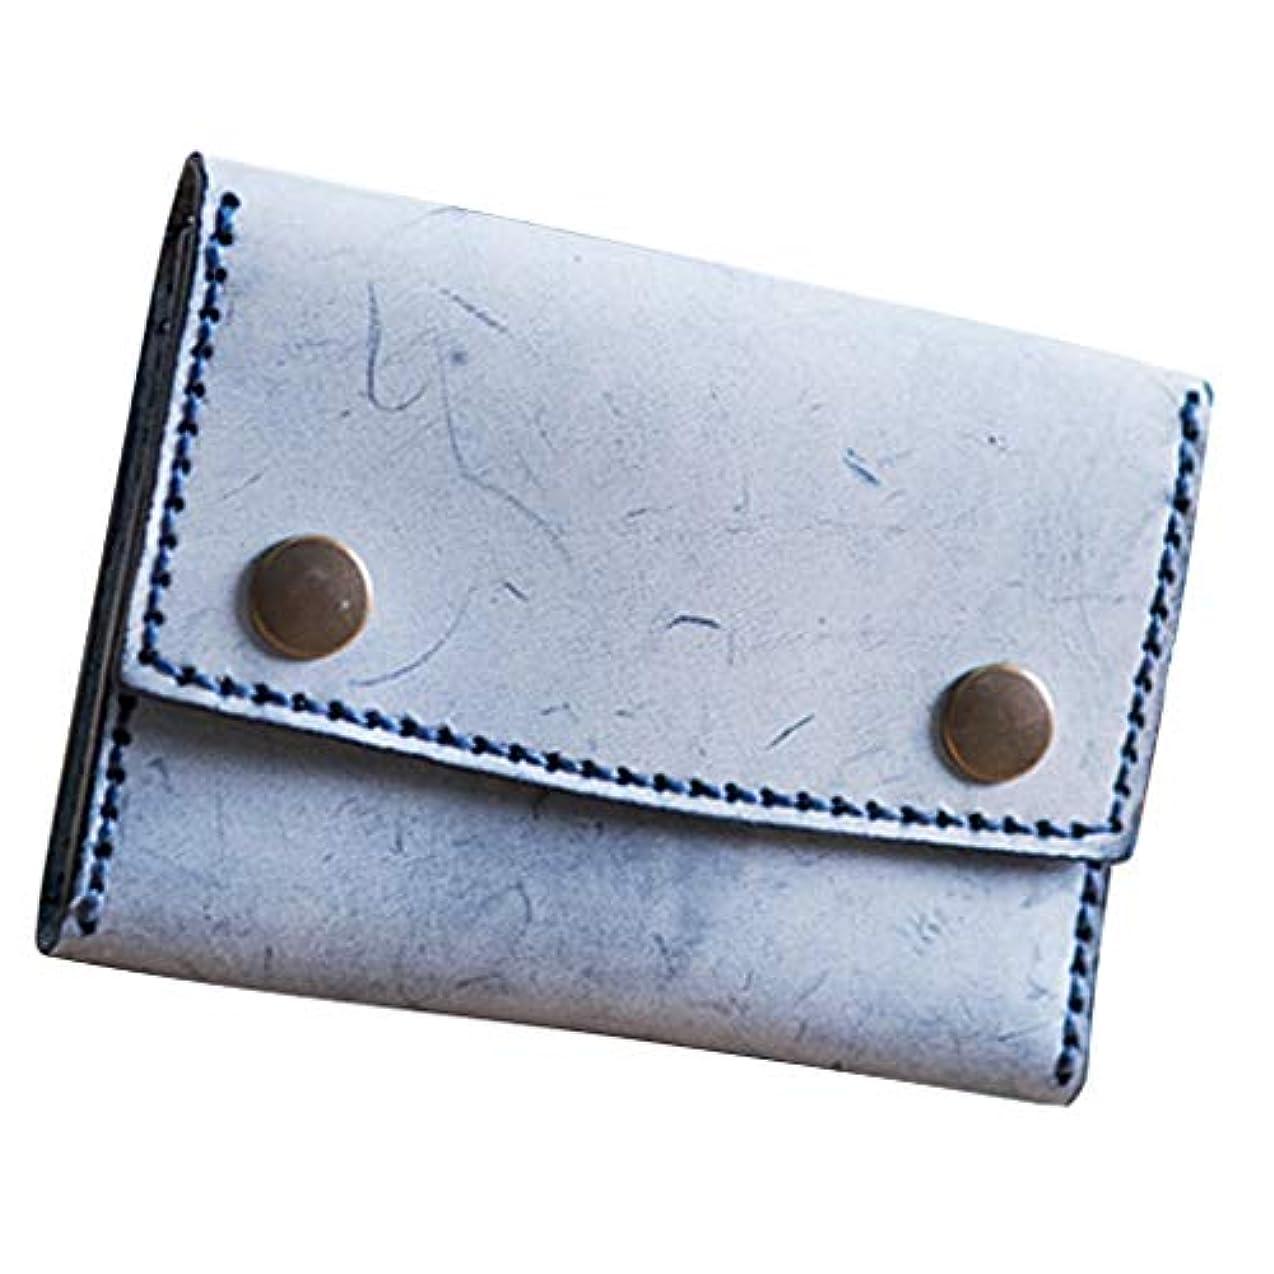 彫刻瞑想するリットルレザークラフトキット 財布製作キット 革 はさみ 縫製クリップ 針 革糸 初心者向け 全5色 - 青